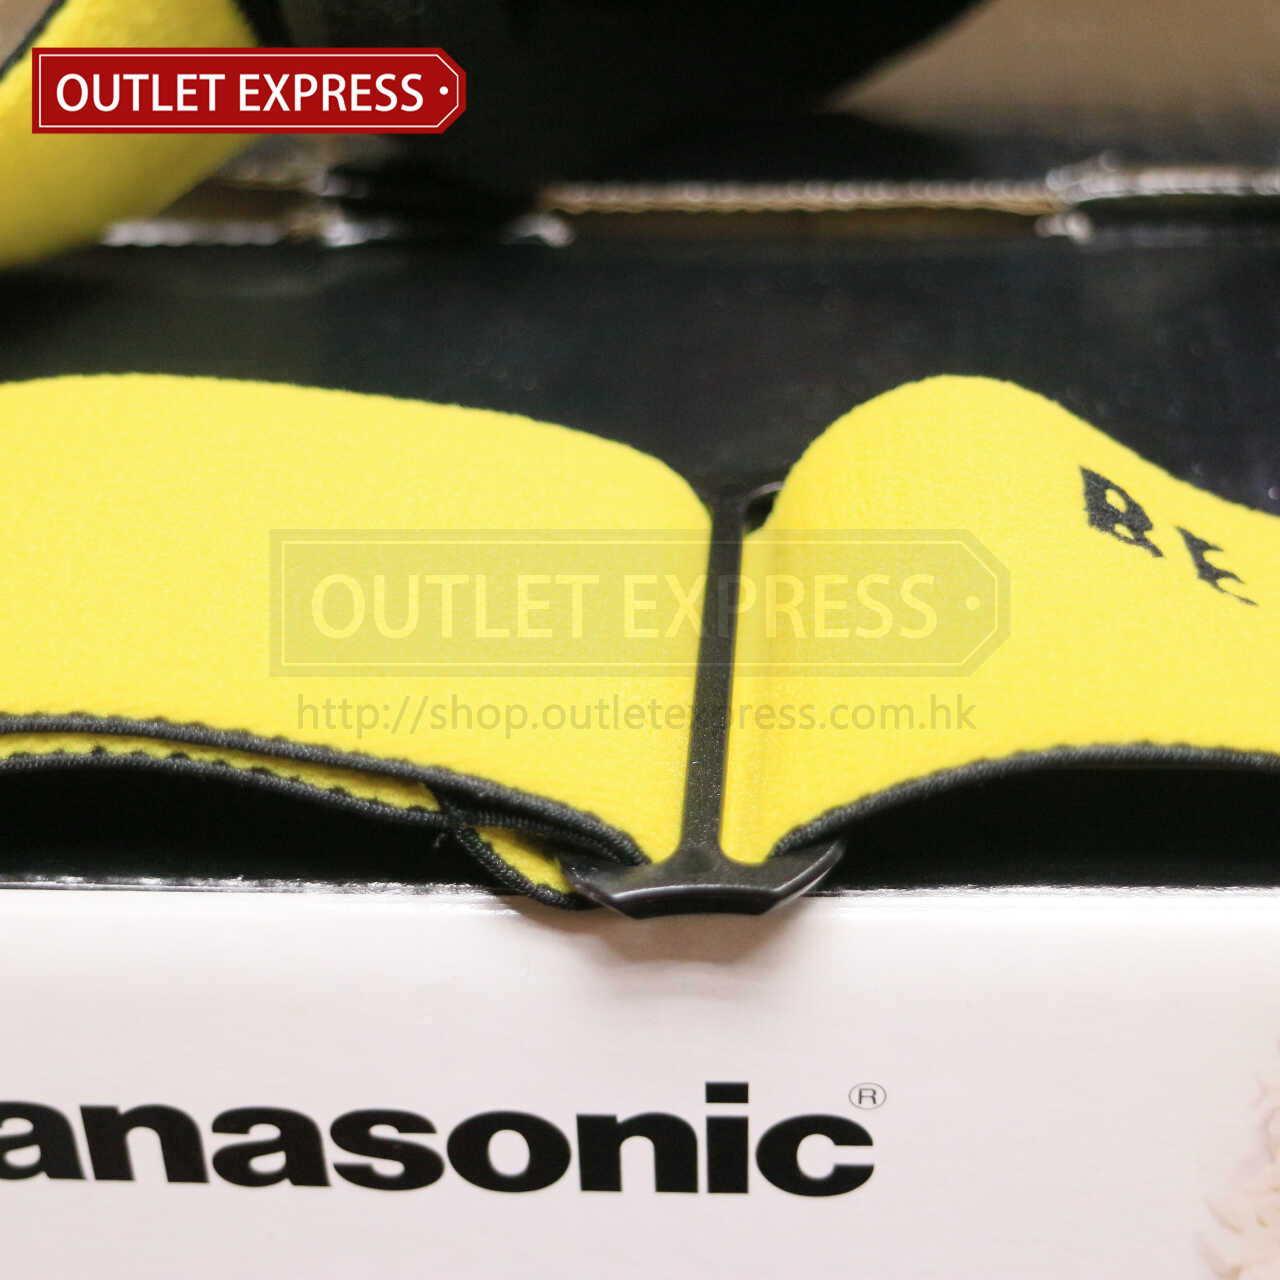 BENICE 大球面雙層防霧滑雪鏡 | 可配合眼鏡用 頭帶-Outlet Express HK生活百貨城實拍相片